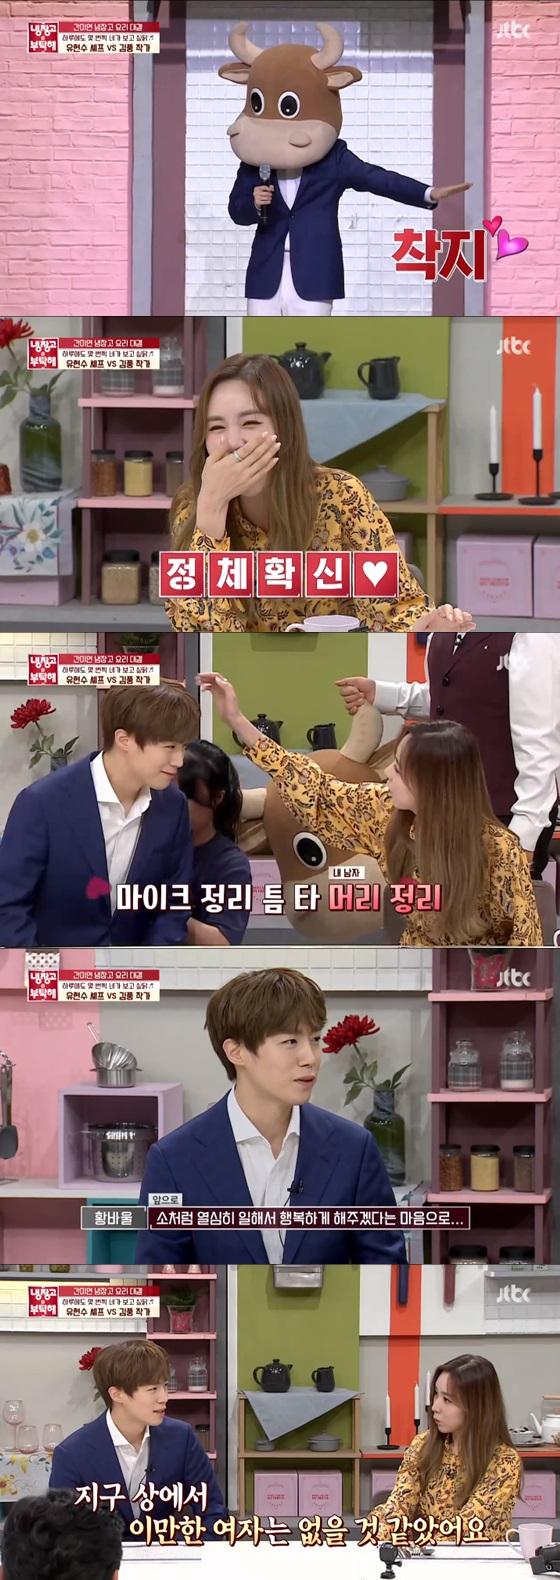 /사진= JTBC 예능프로그램 '냉장고를 부탁해' 방송화면 캡쳐